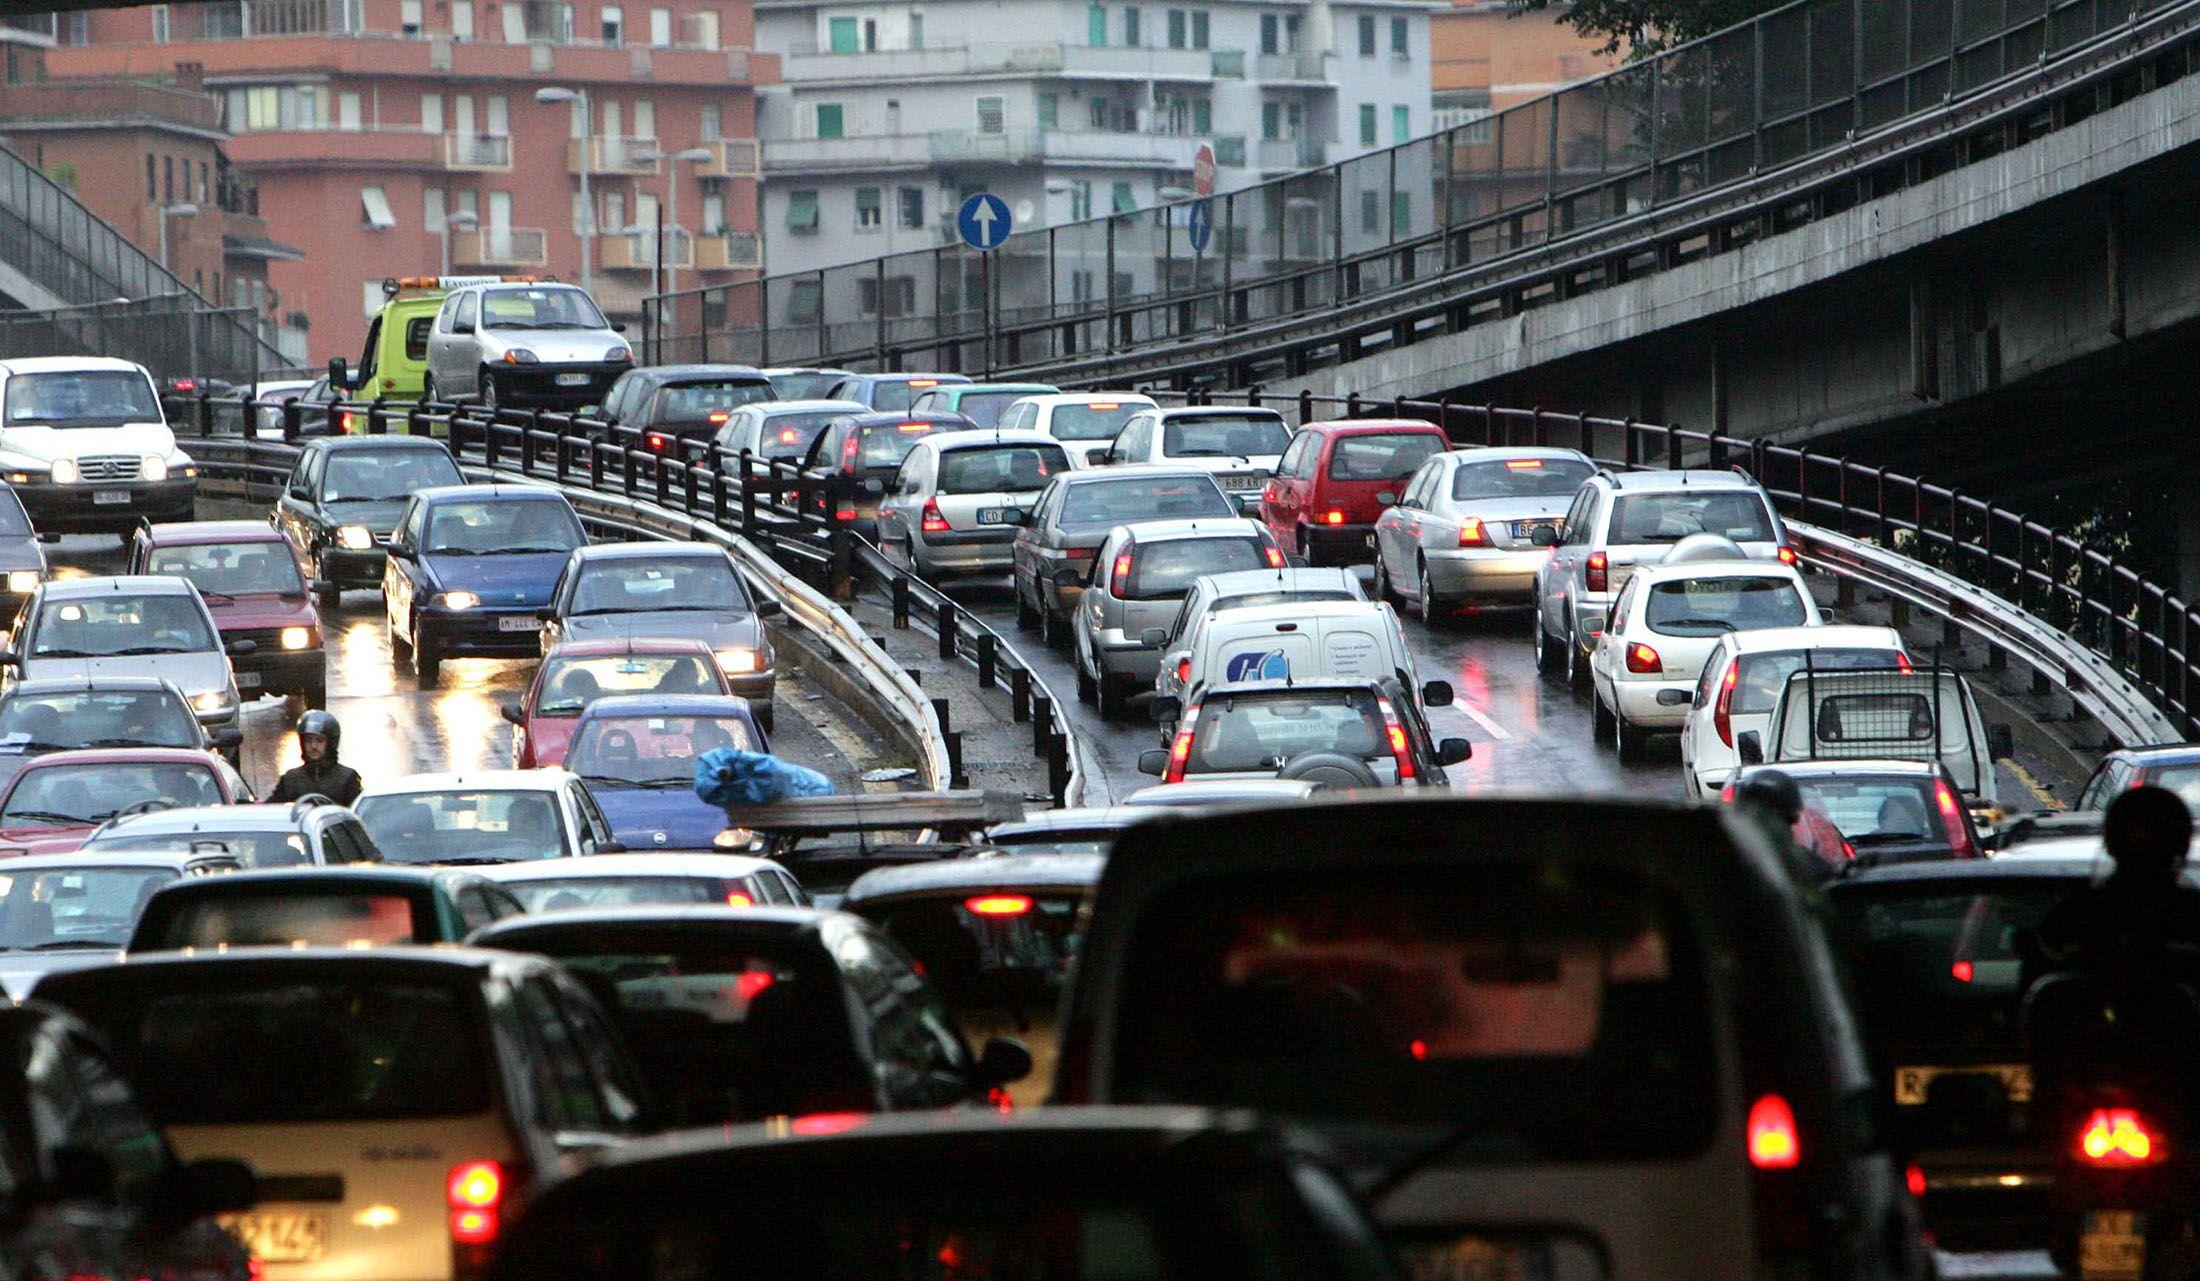 Blocco del traffico a Napoli oggi 13 giugno 2019: auto ...